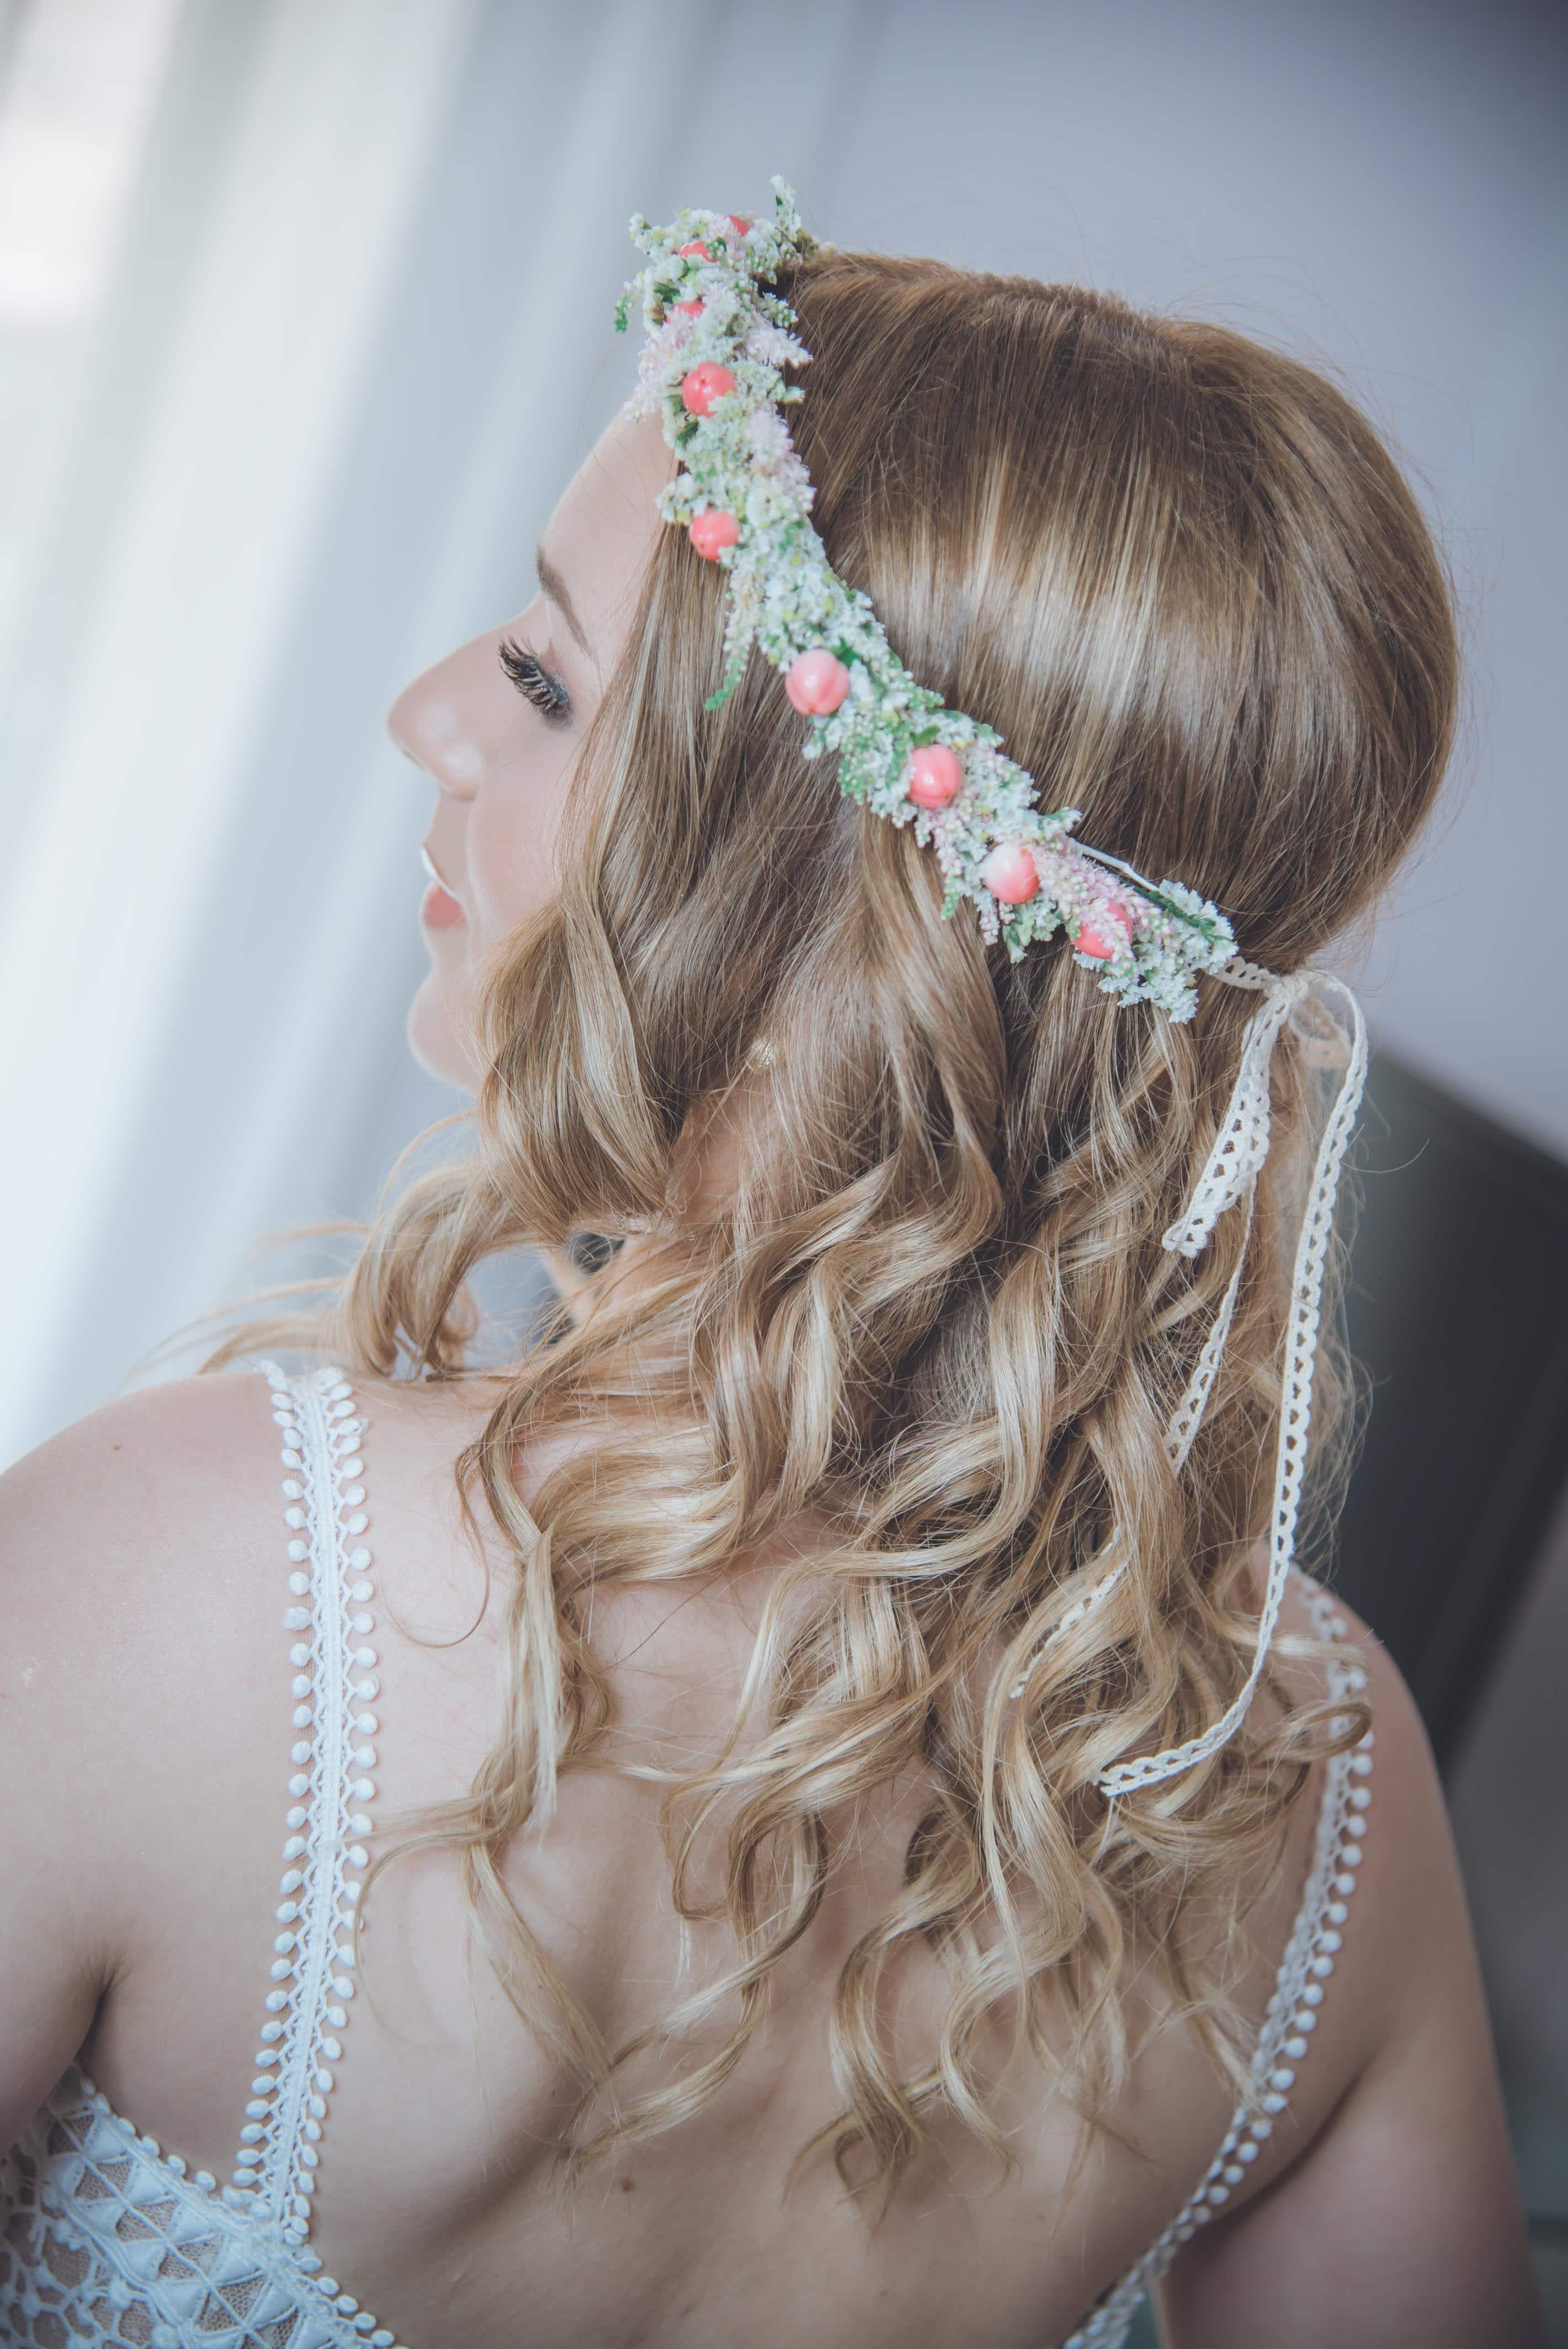 Ρομαντικό – λουλουδένιο αξεσουάρ στα μαλλιά για την νυφική σας εμφάνιση